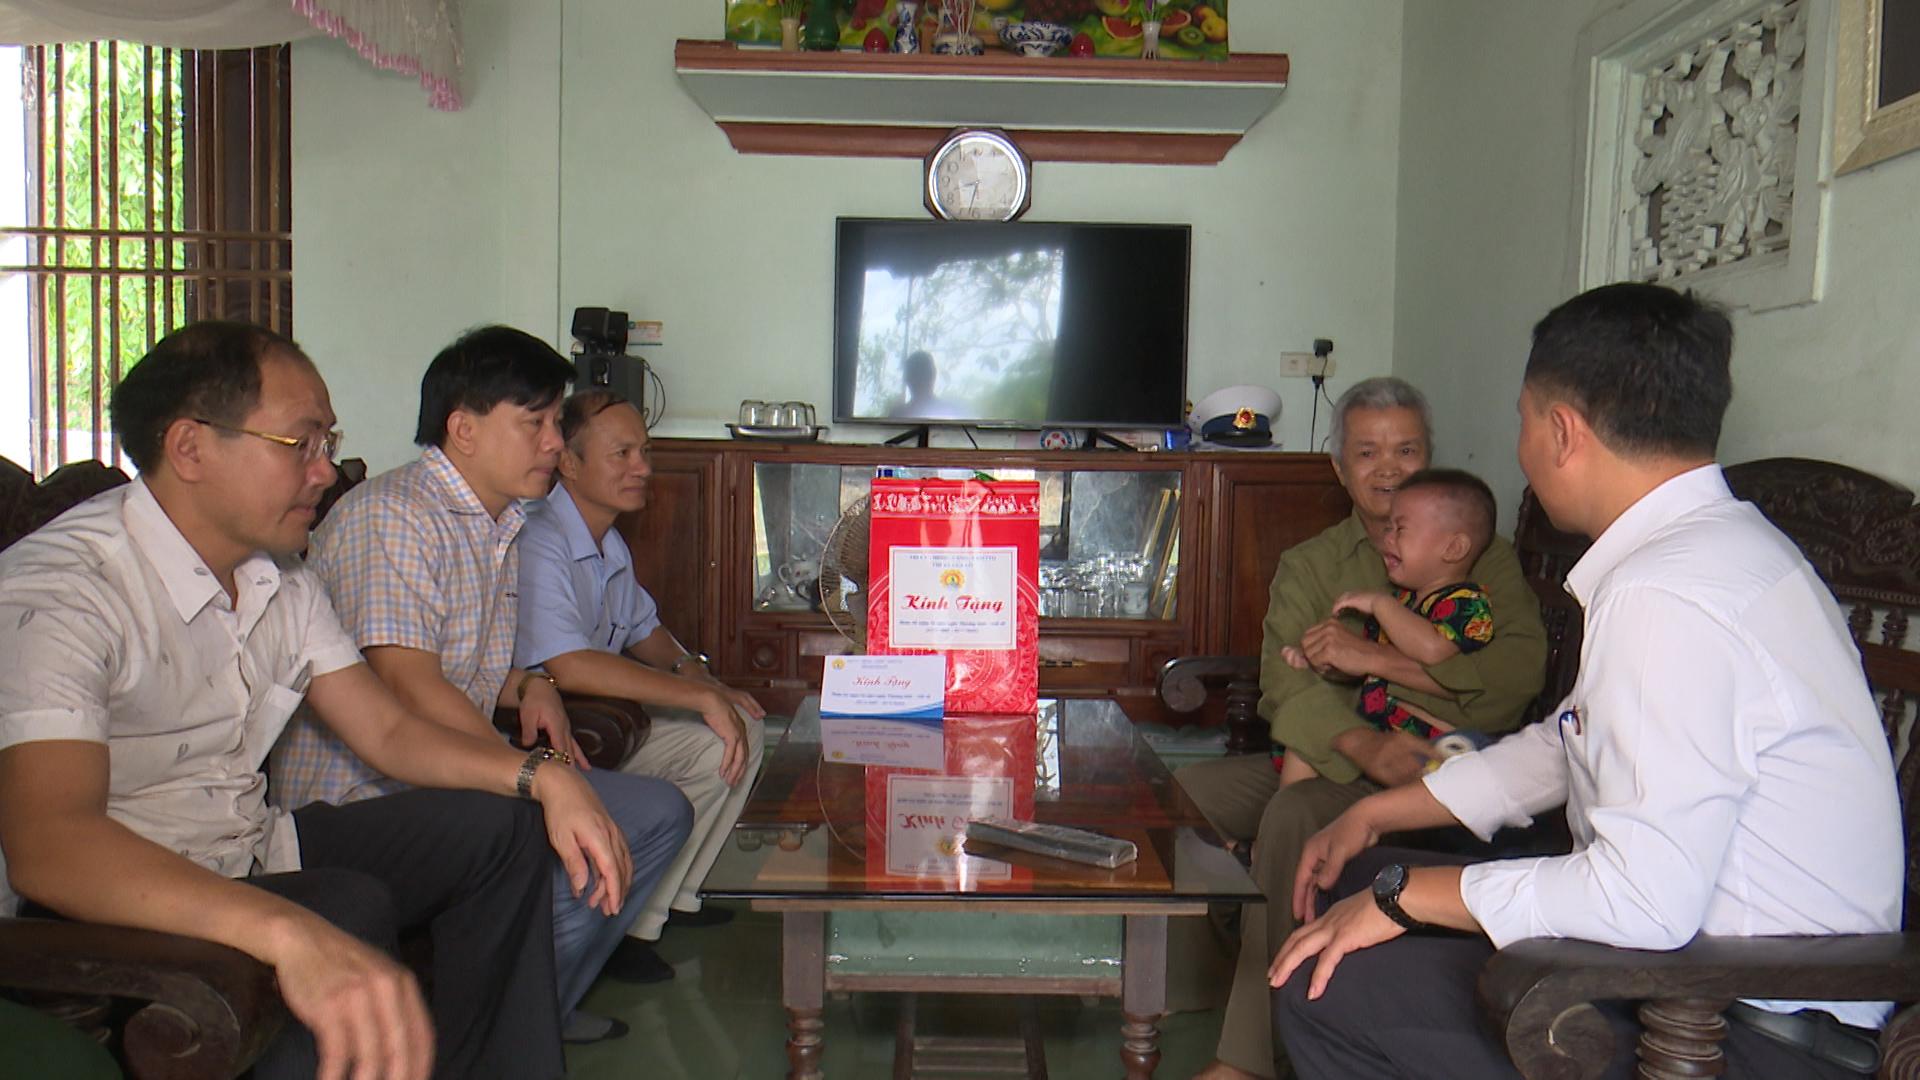 PS Trang 23 - 7.00_16_21_04.Still029